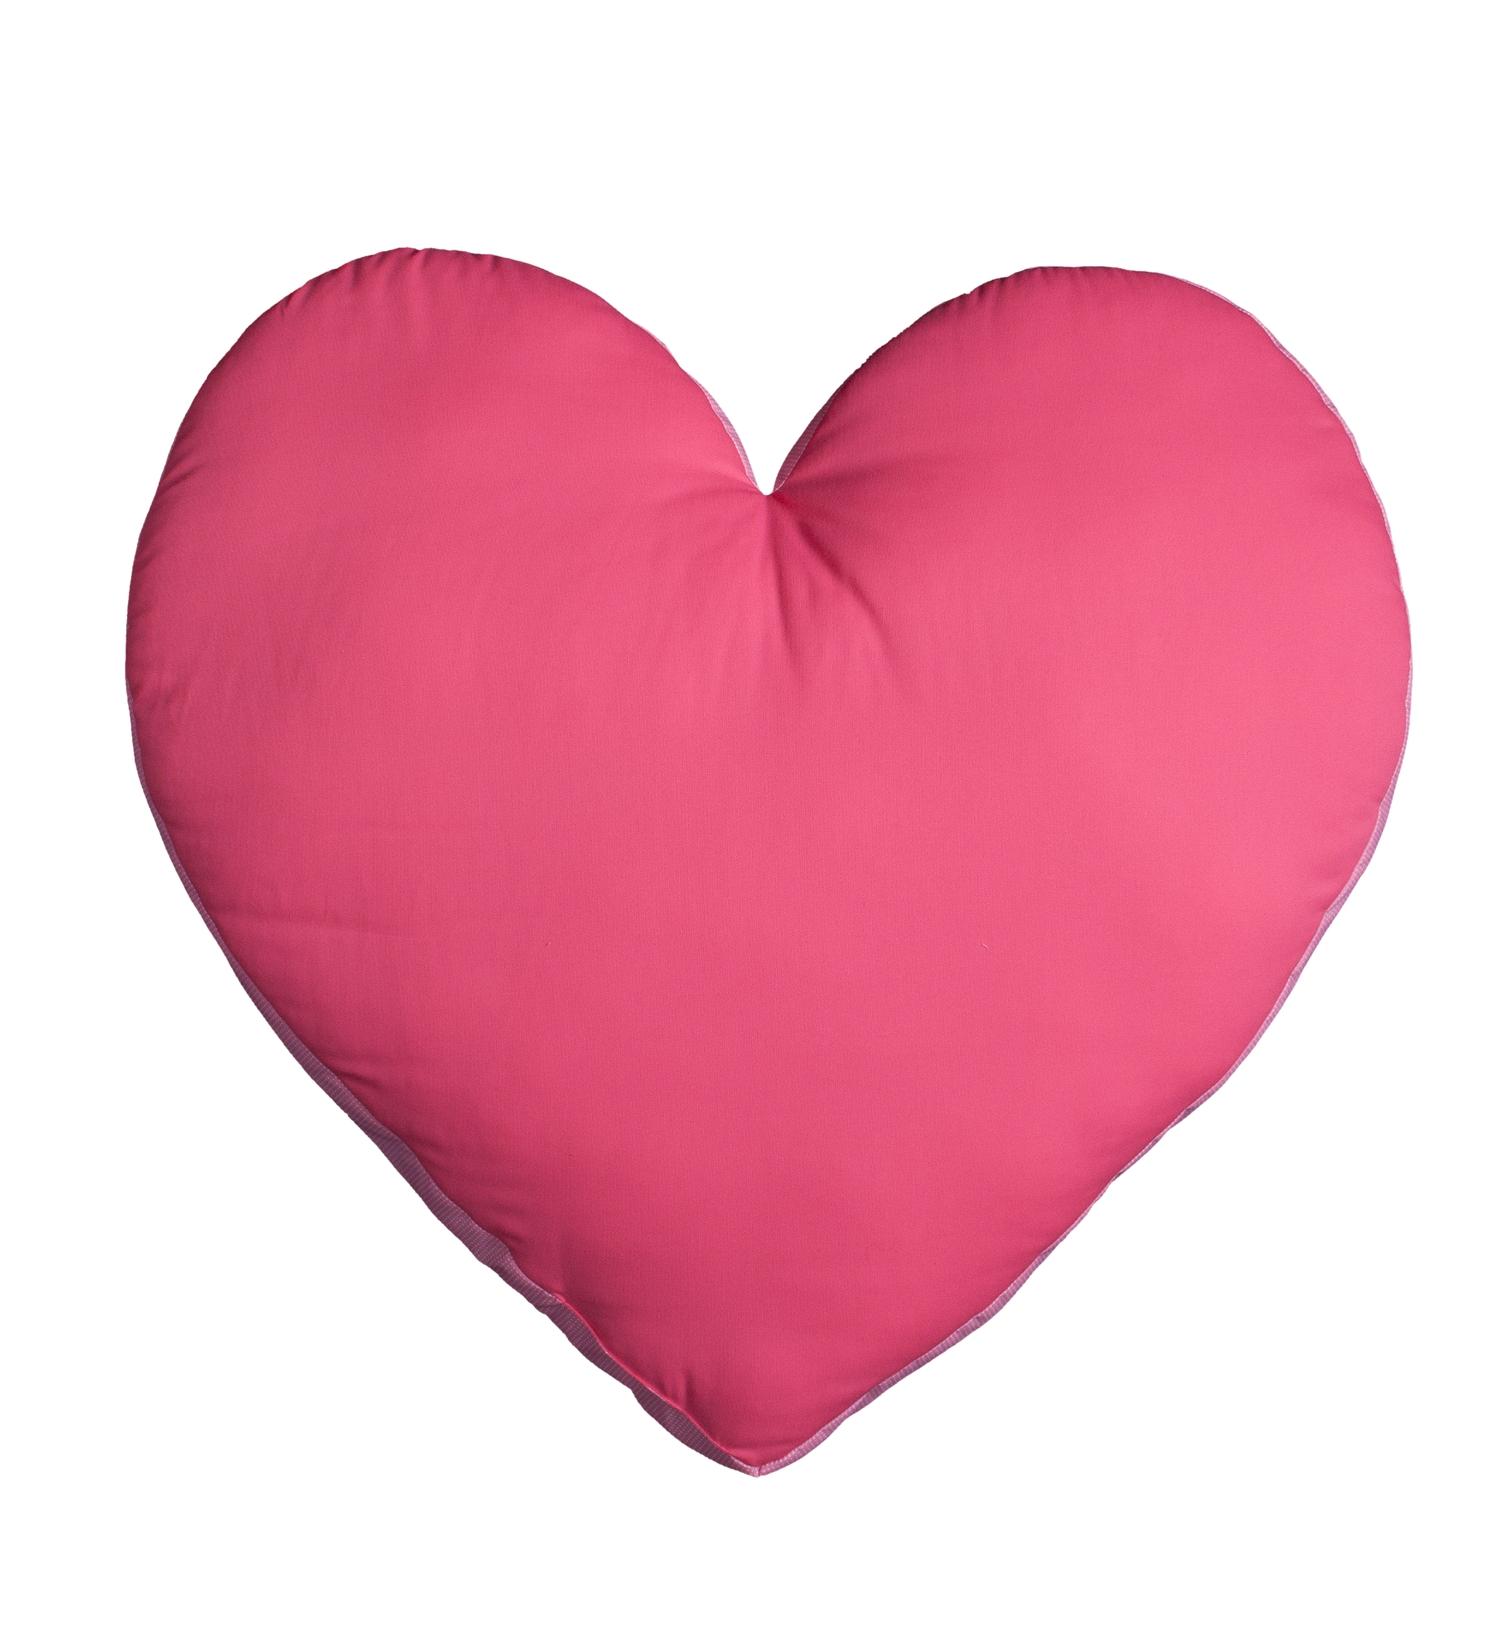 kissen herzform best kissen und hlle in herzform div farben ringsum rschen in denklingen with. Black Bedroom Furniture Sets. Home Design Ideas